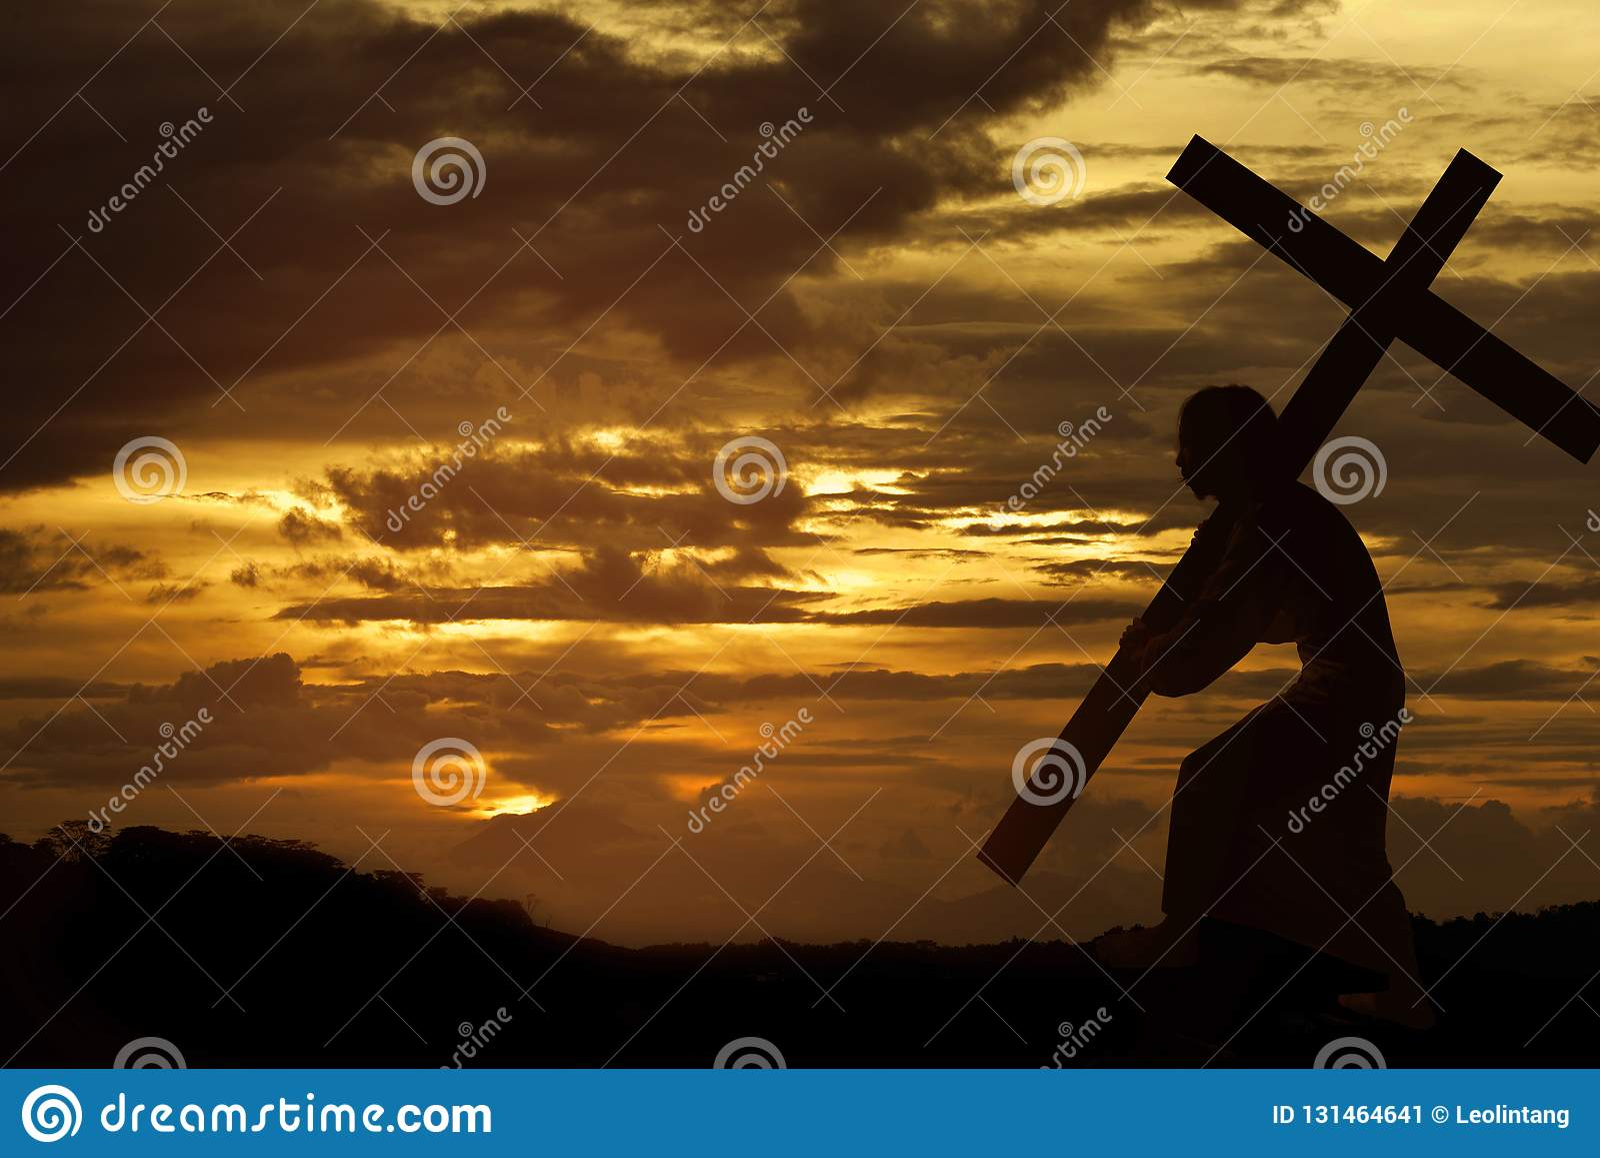 Σκιαγραφία του φέρνοντας σταυρού του Ιησού Χριστού